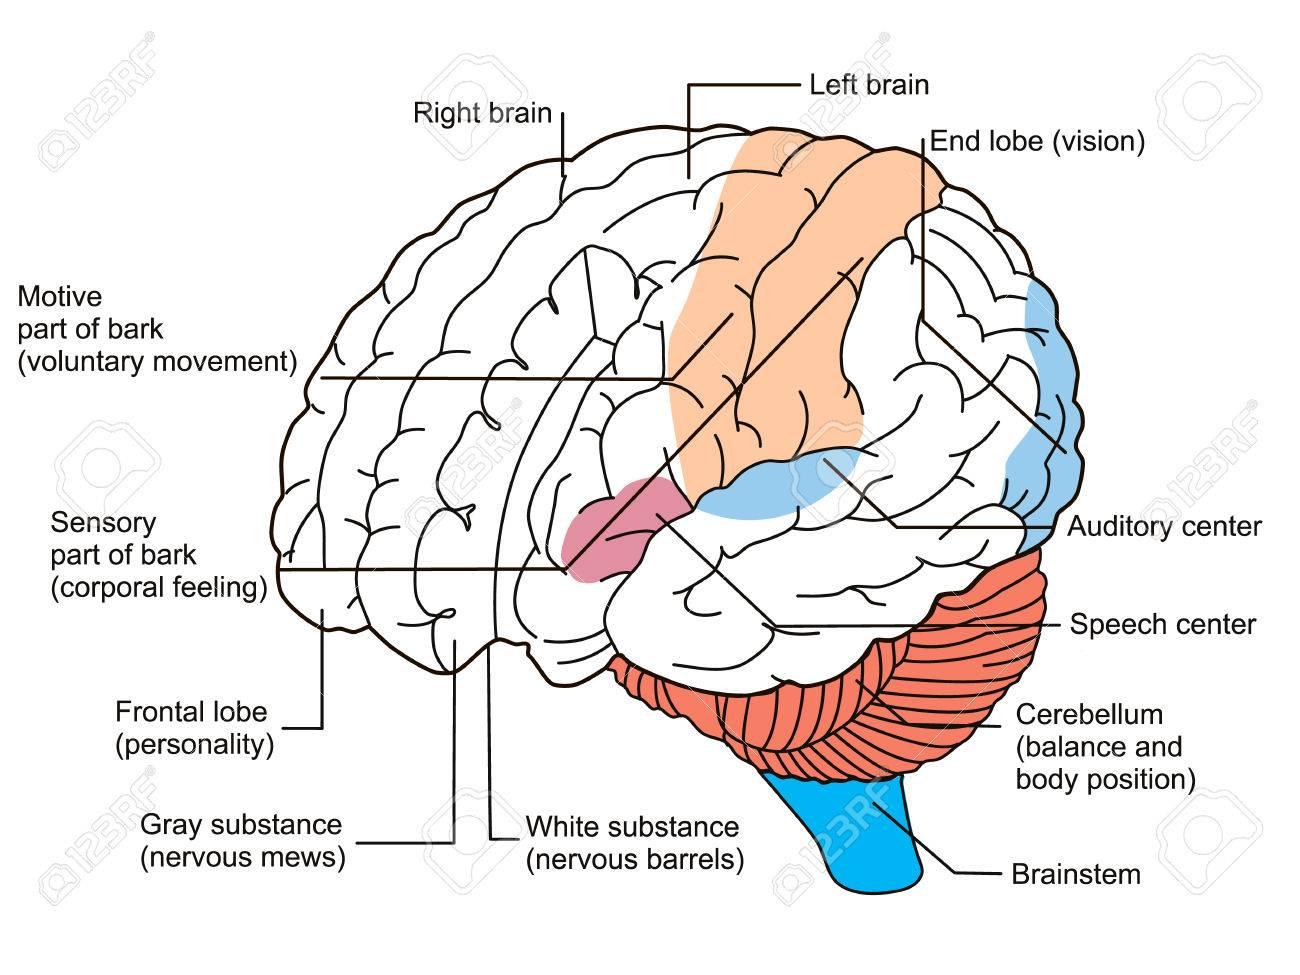 Ziemlich Gekennzeichnet Diagramm Brain Bilder - Menschliche Anatomie ...